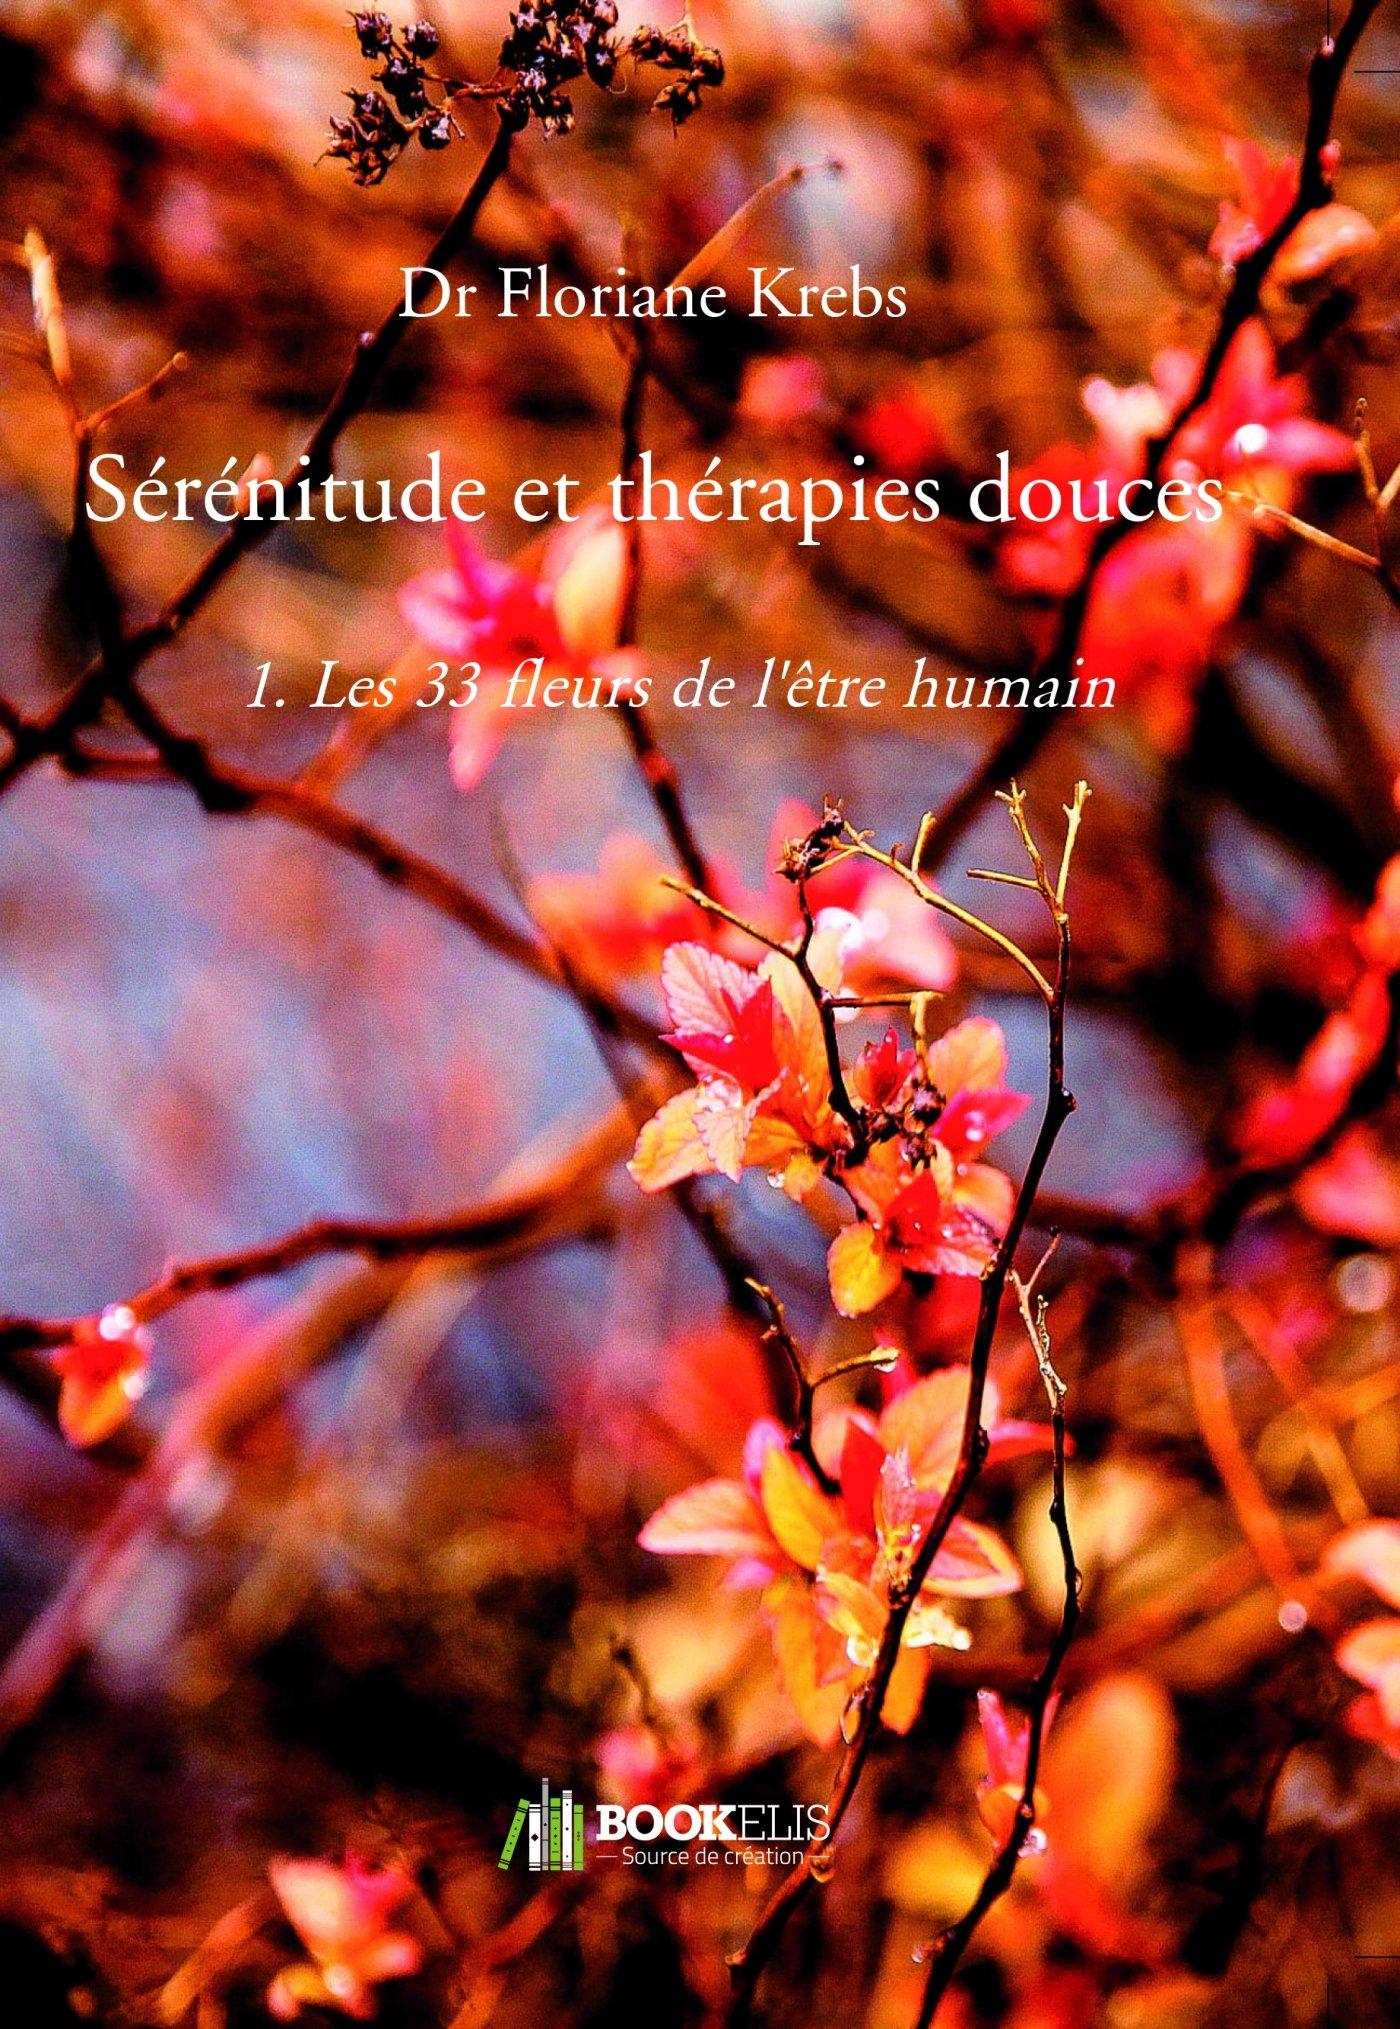 Amazon.fr , Sérénitude et thérapies douces 1. Les 33 fleurs